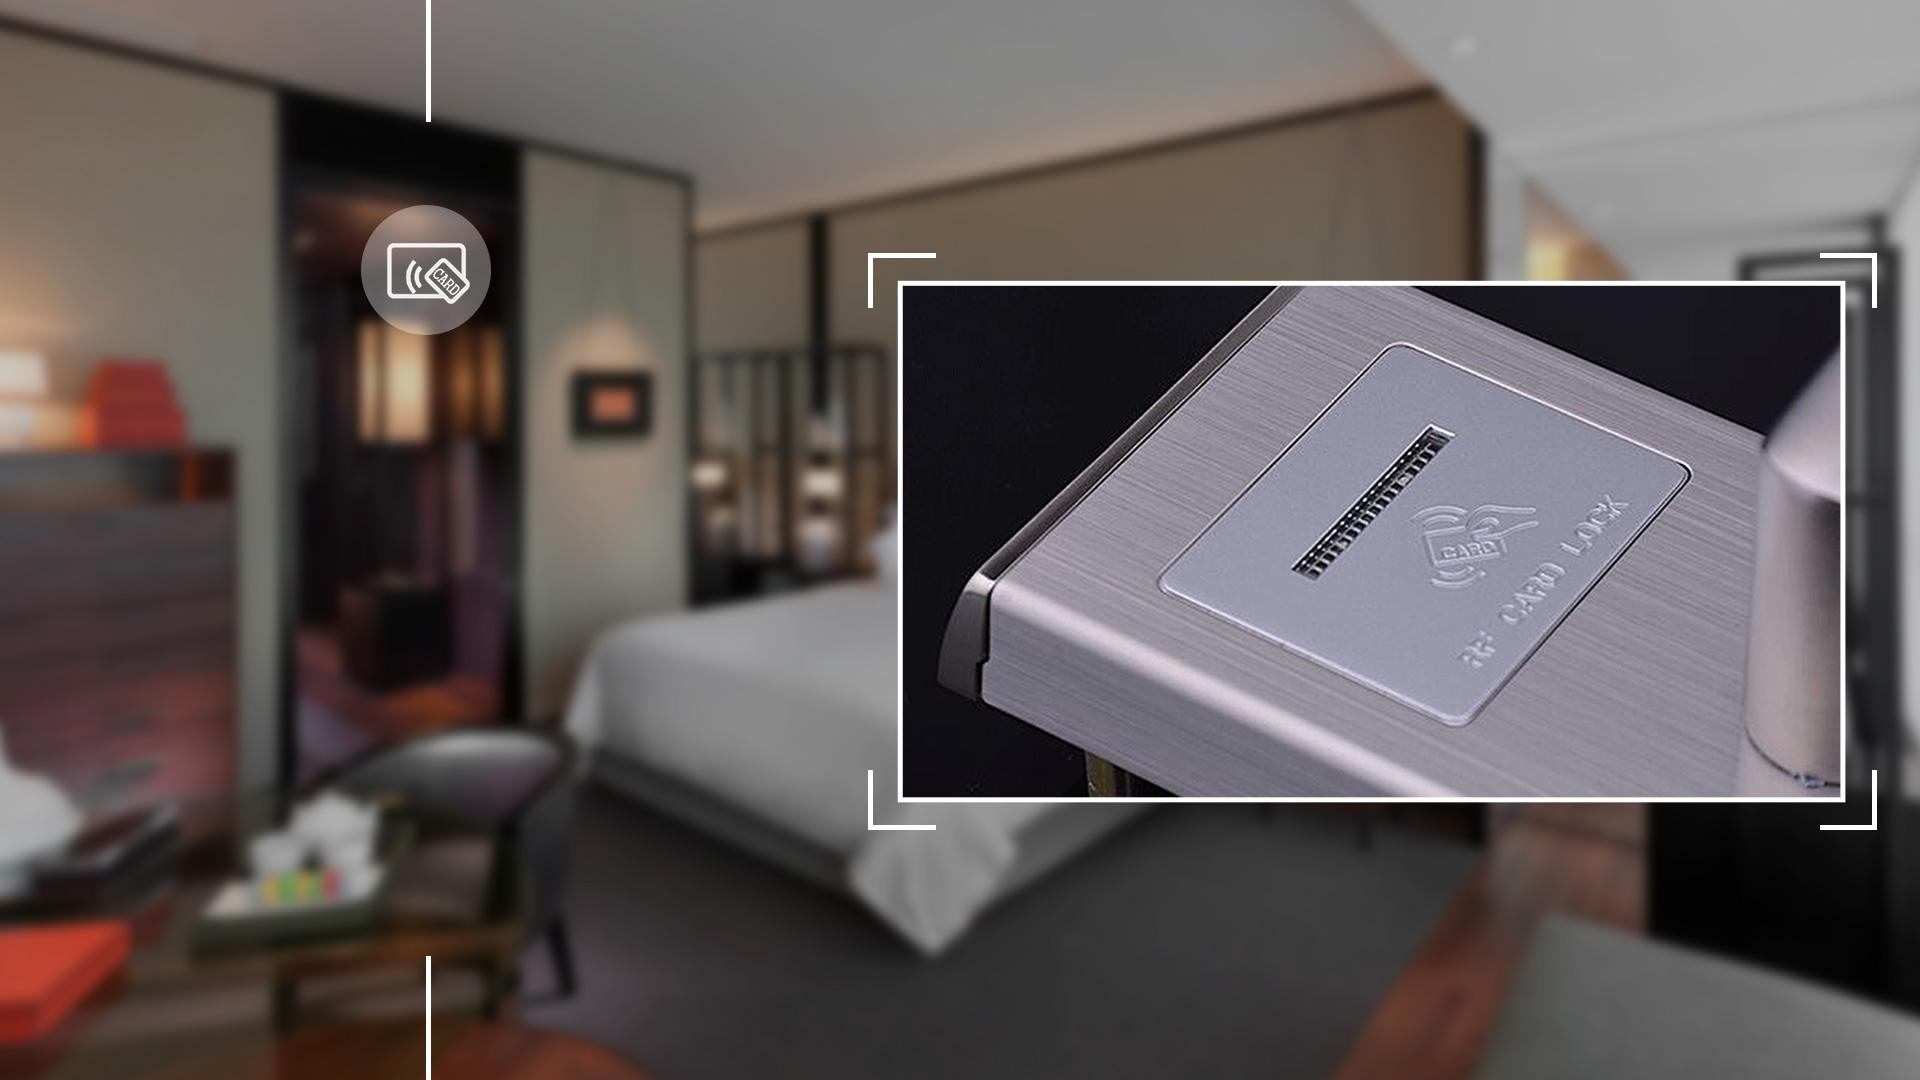 Hình ảnh sản phẩm khóa thẻ Hune 930-5-D